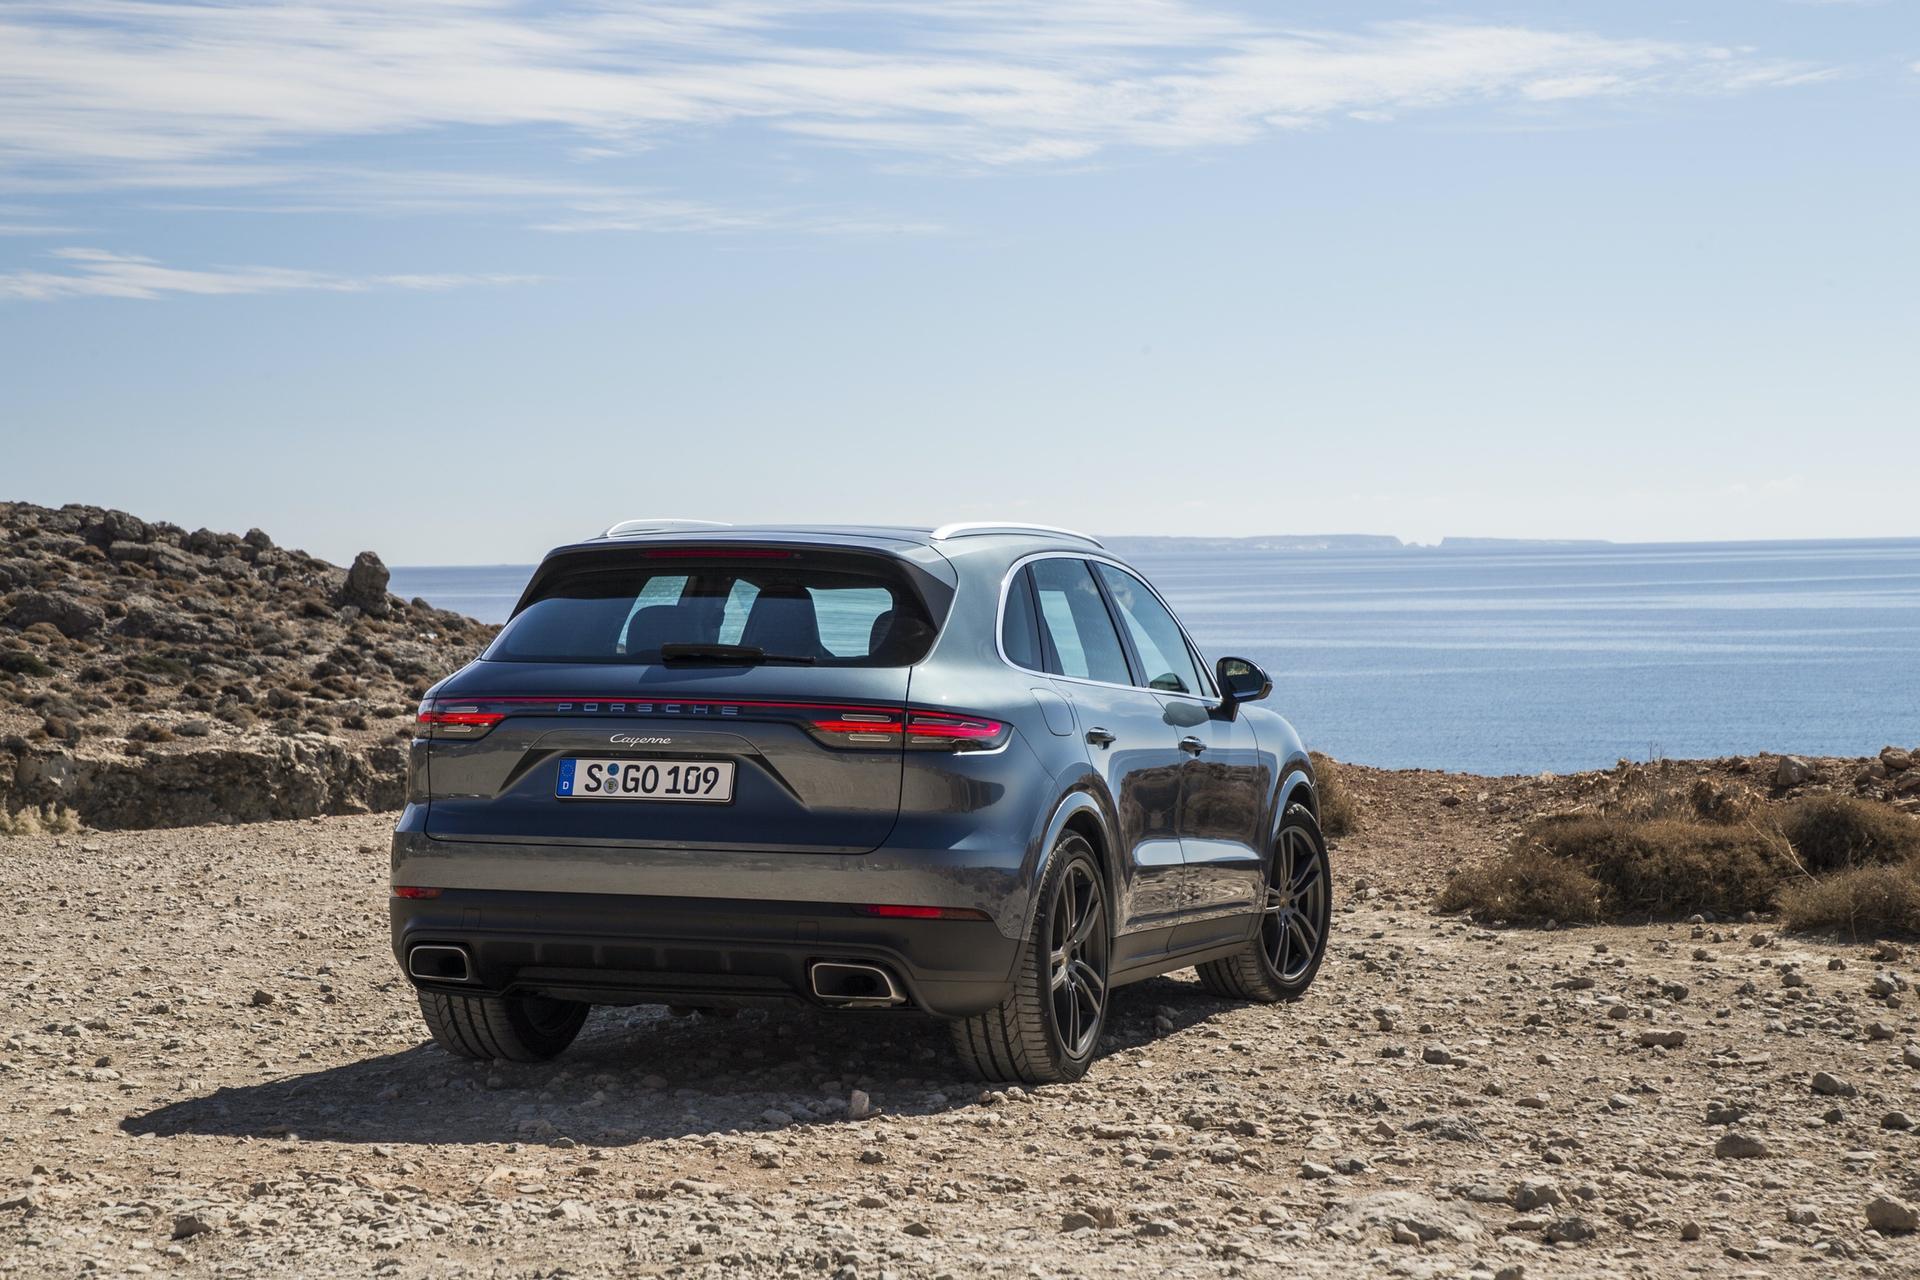 Test_Drive_Porsche_Cayenne_276